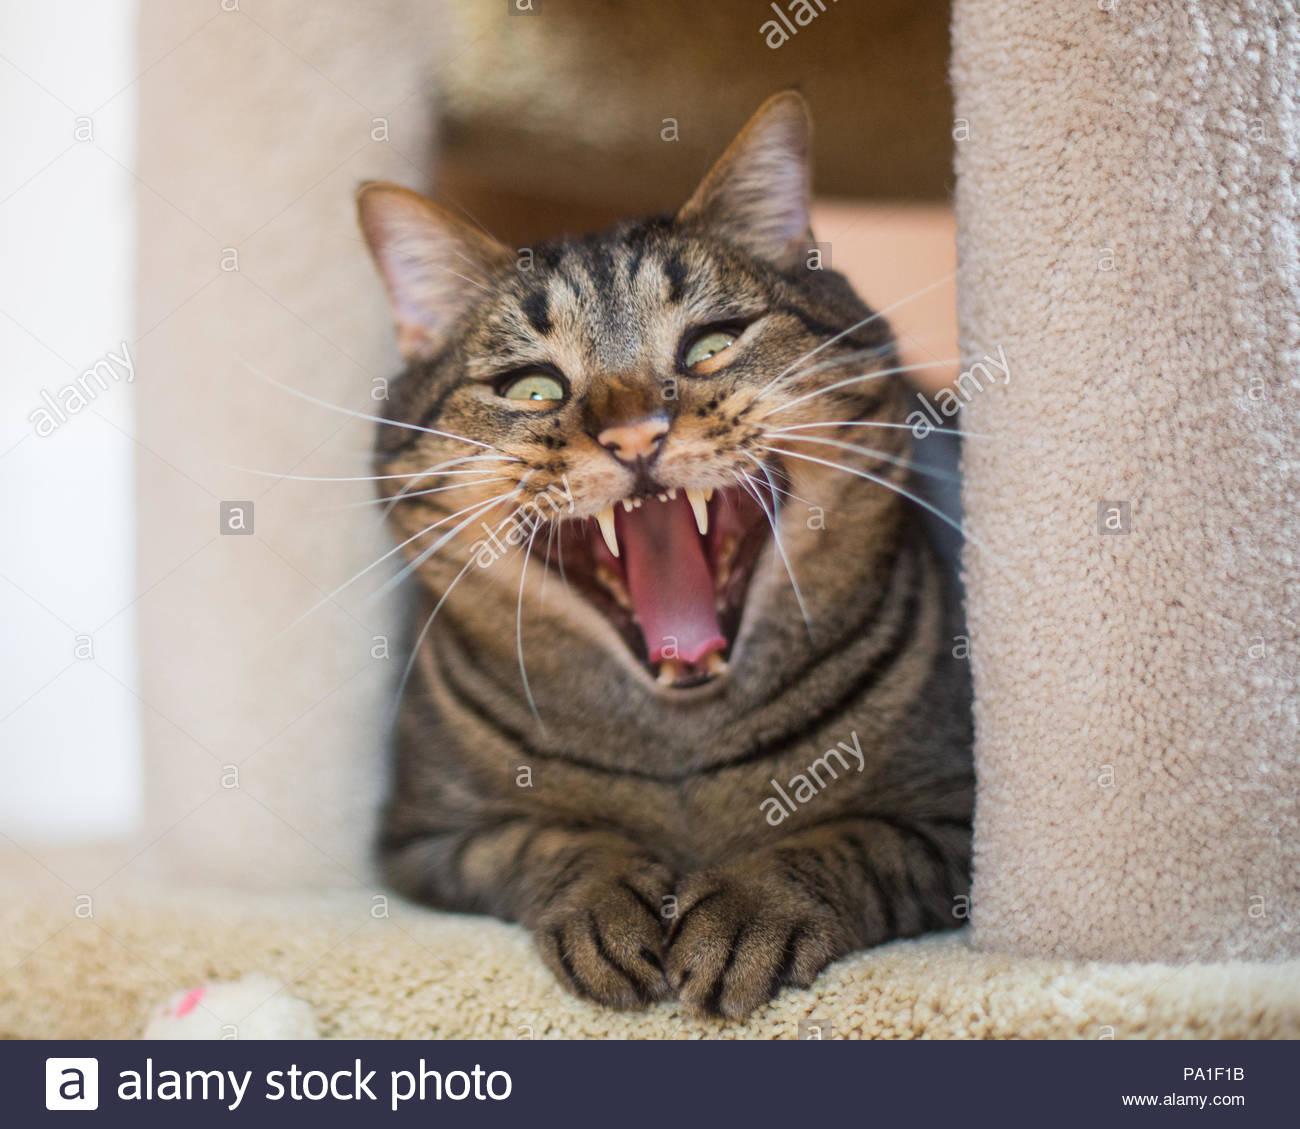 Tabby Katze auf eine Katze Baum gähnen Mit herausgestreckter Zunge und ein lustiger Ausdruck Stockbild